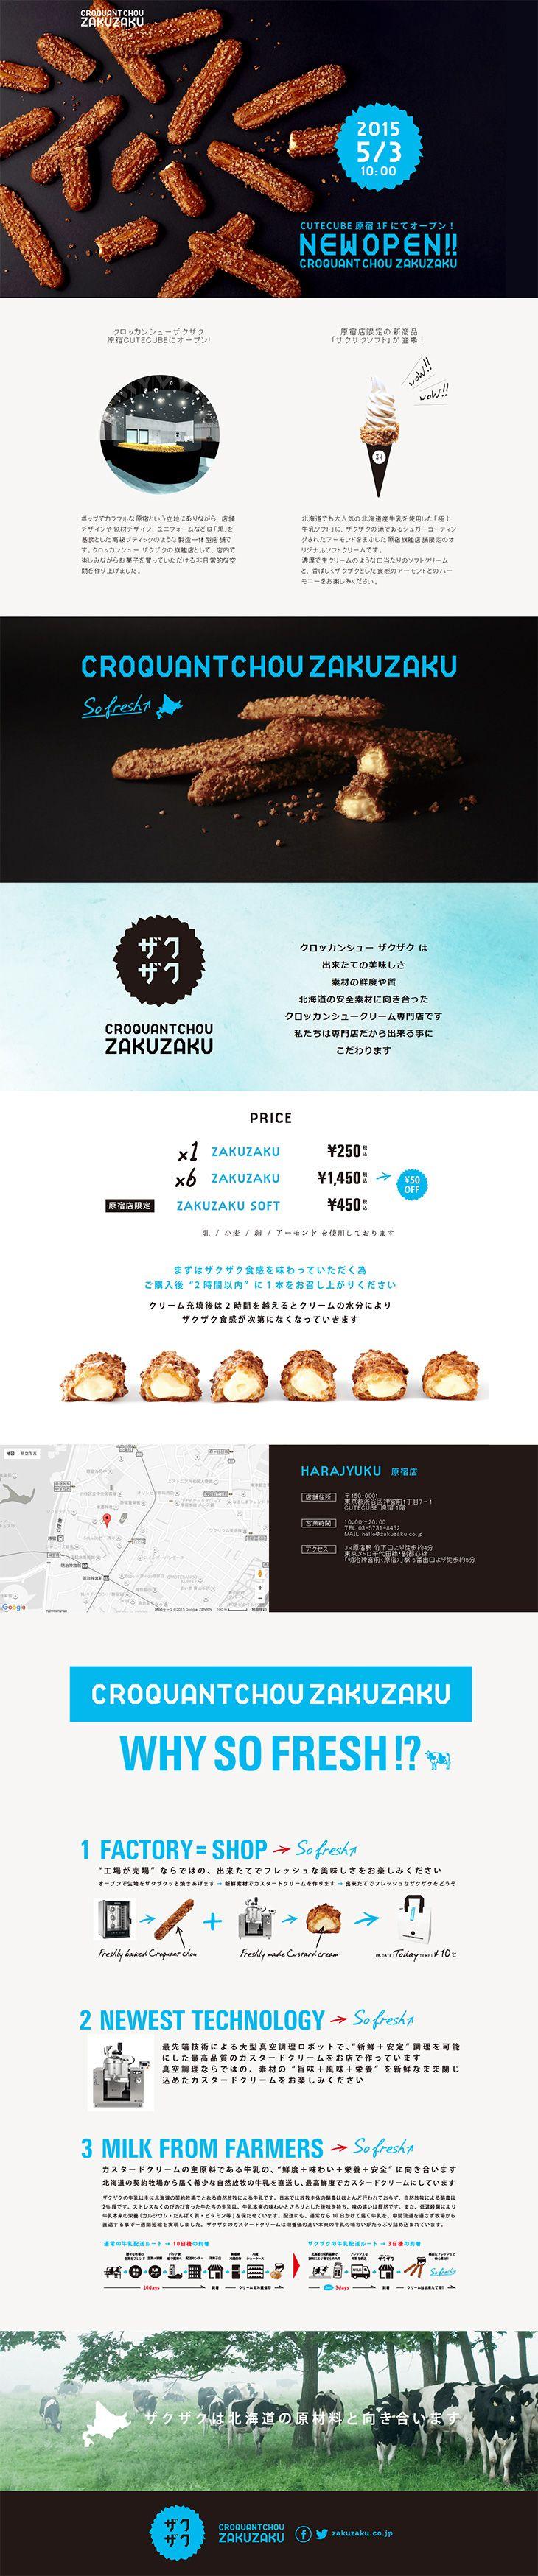 ランディングページ LP クロッカンシュー ザクザク ZAKUZAKU|食品・飲料・お酒|楽天